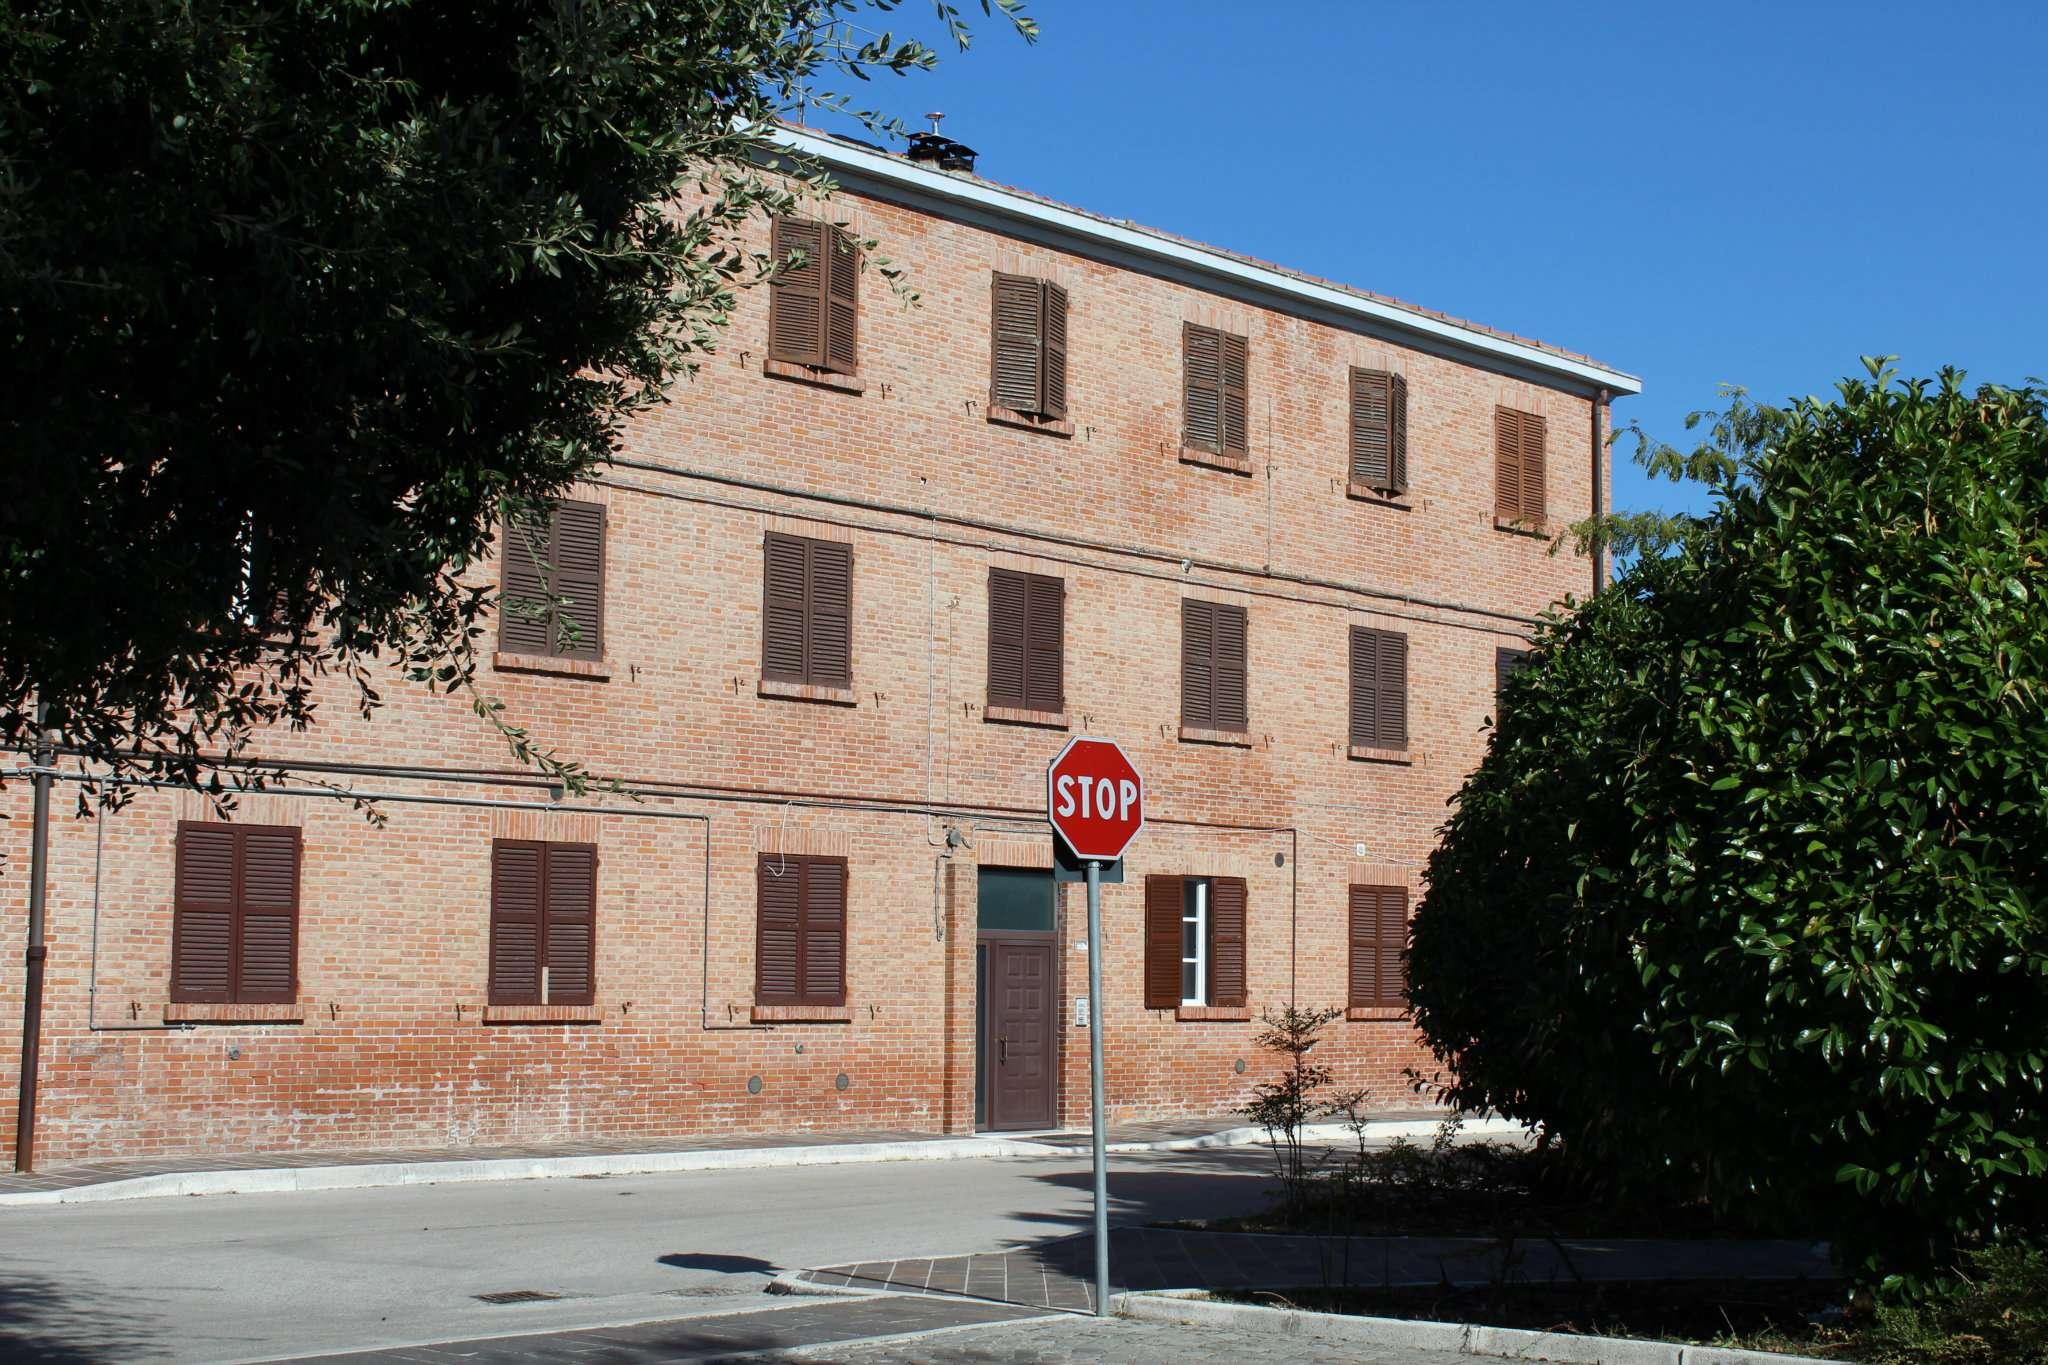 Appartamento in vendita a Tavullia, 5 locali, prezzo € 69.000 | CambioCasa.it